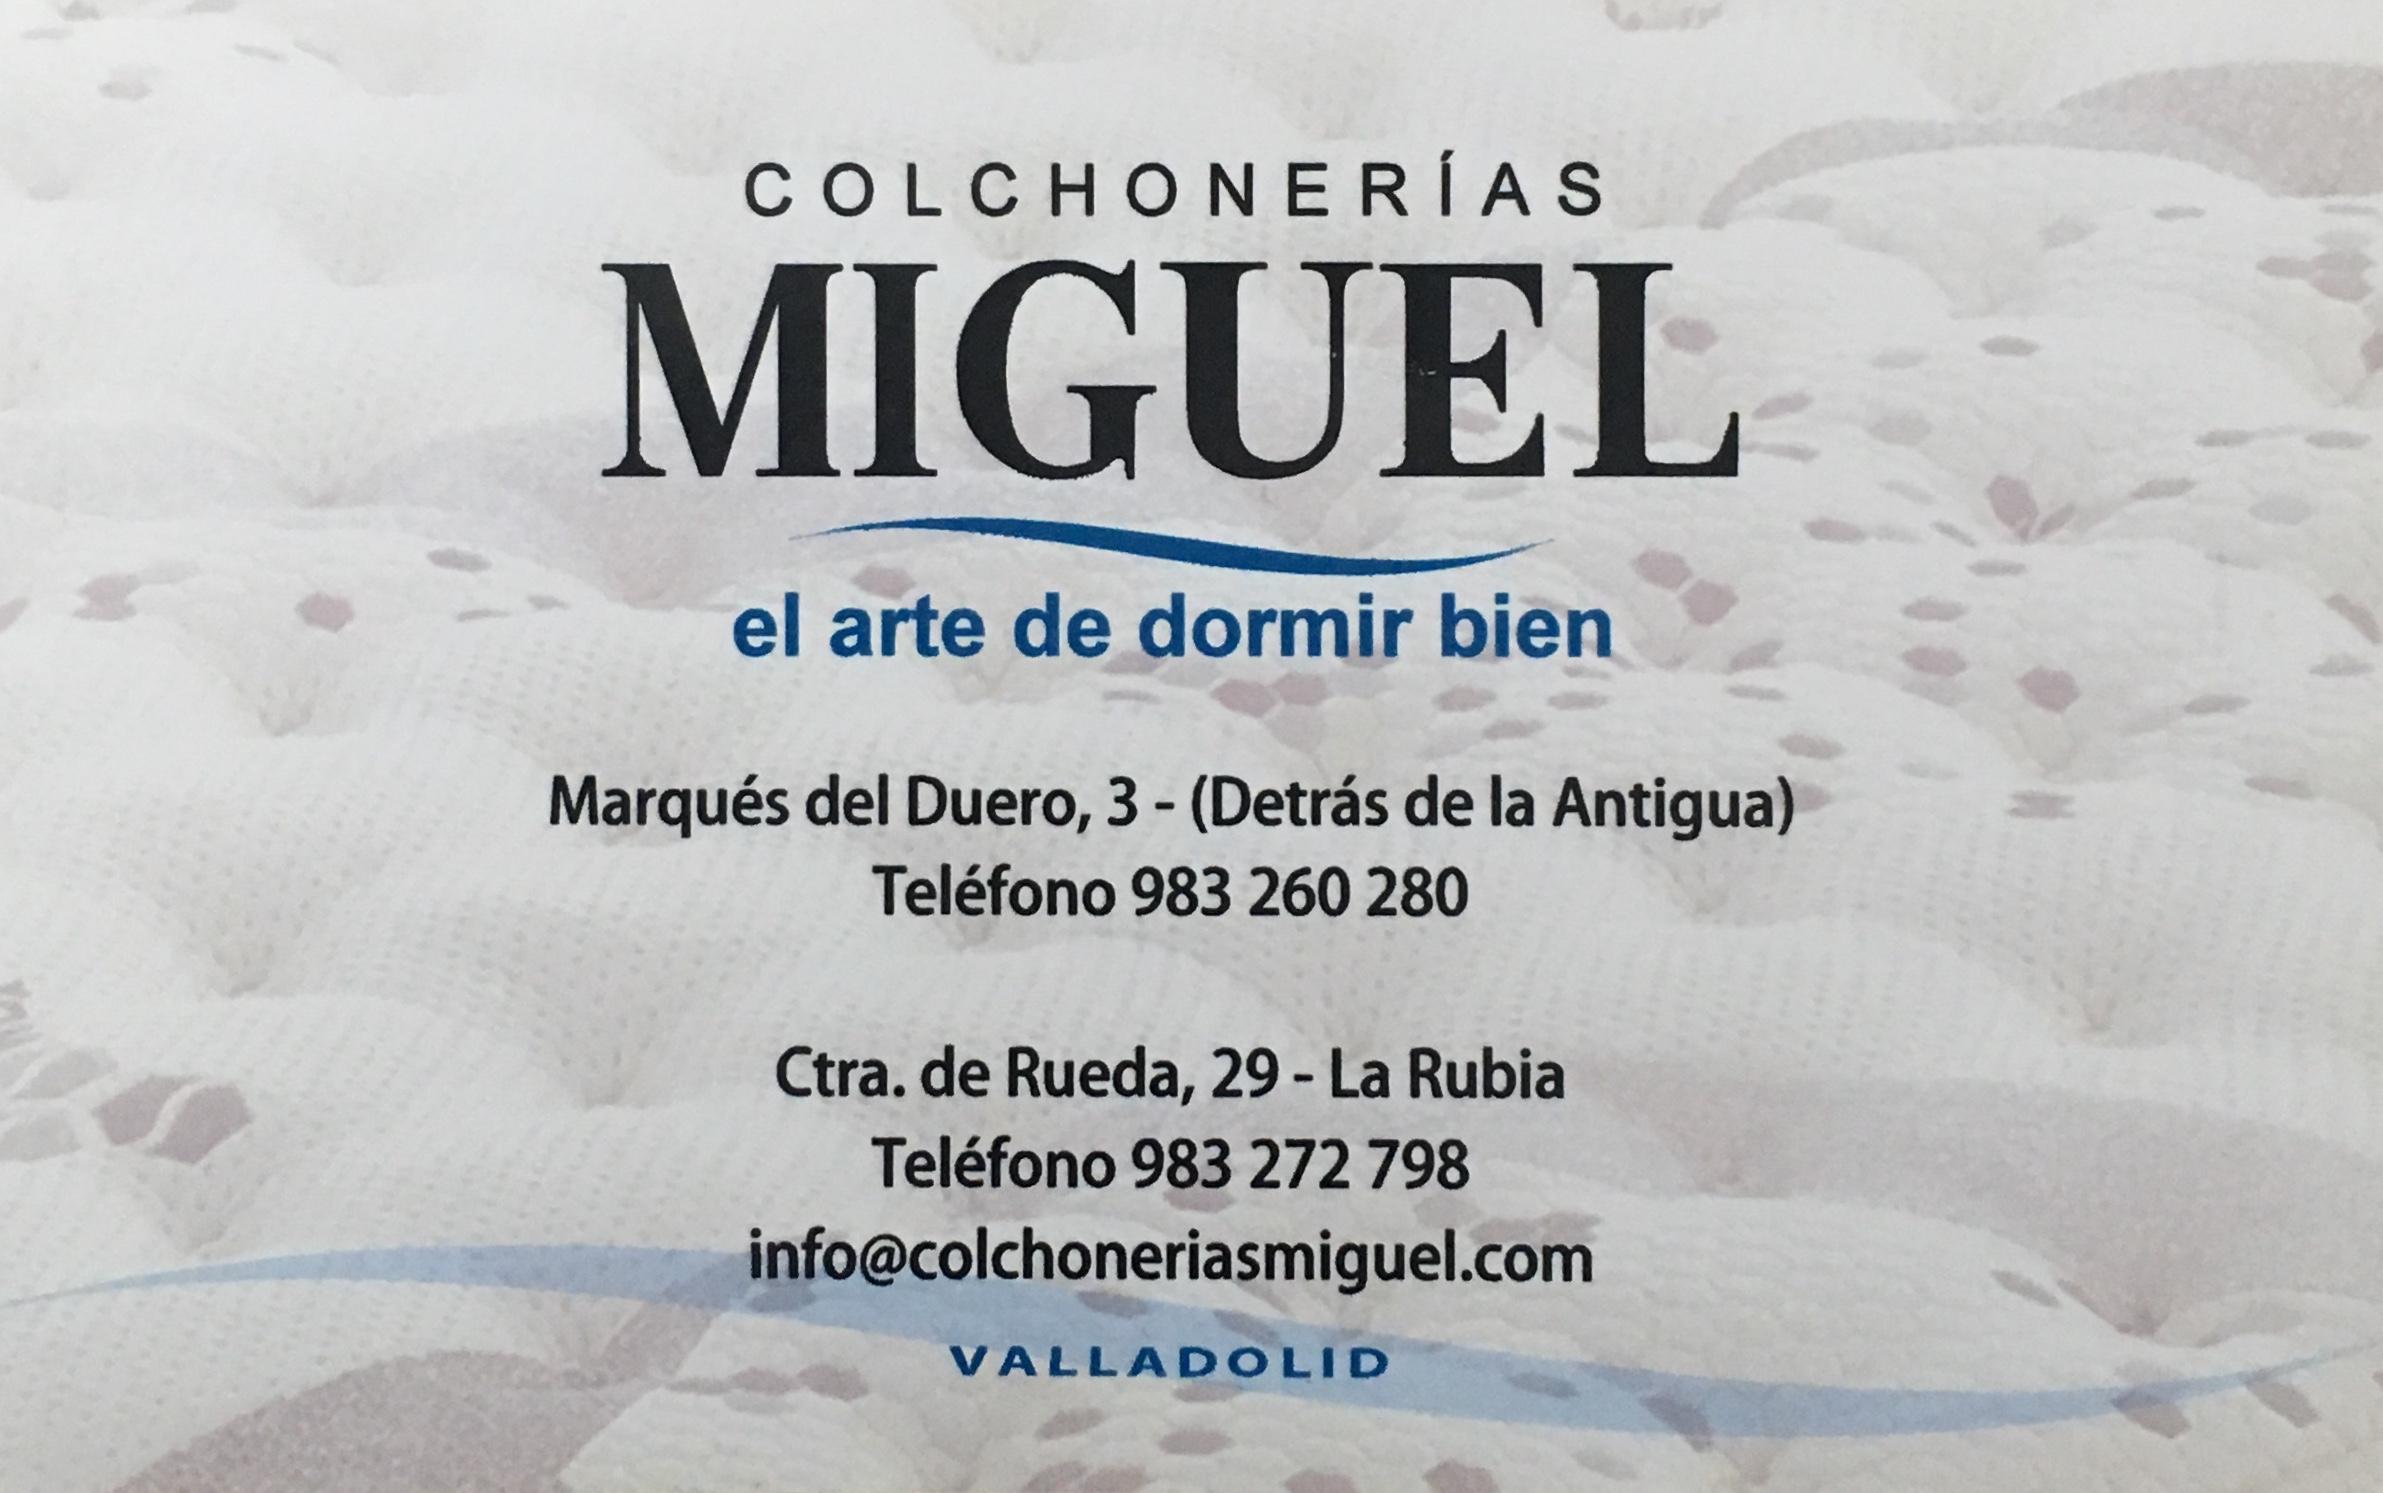 Colchonería Miguel